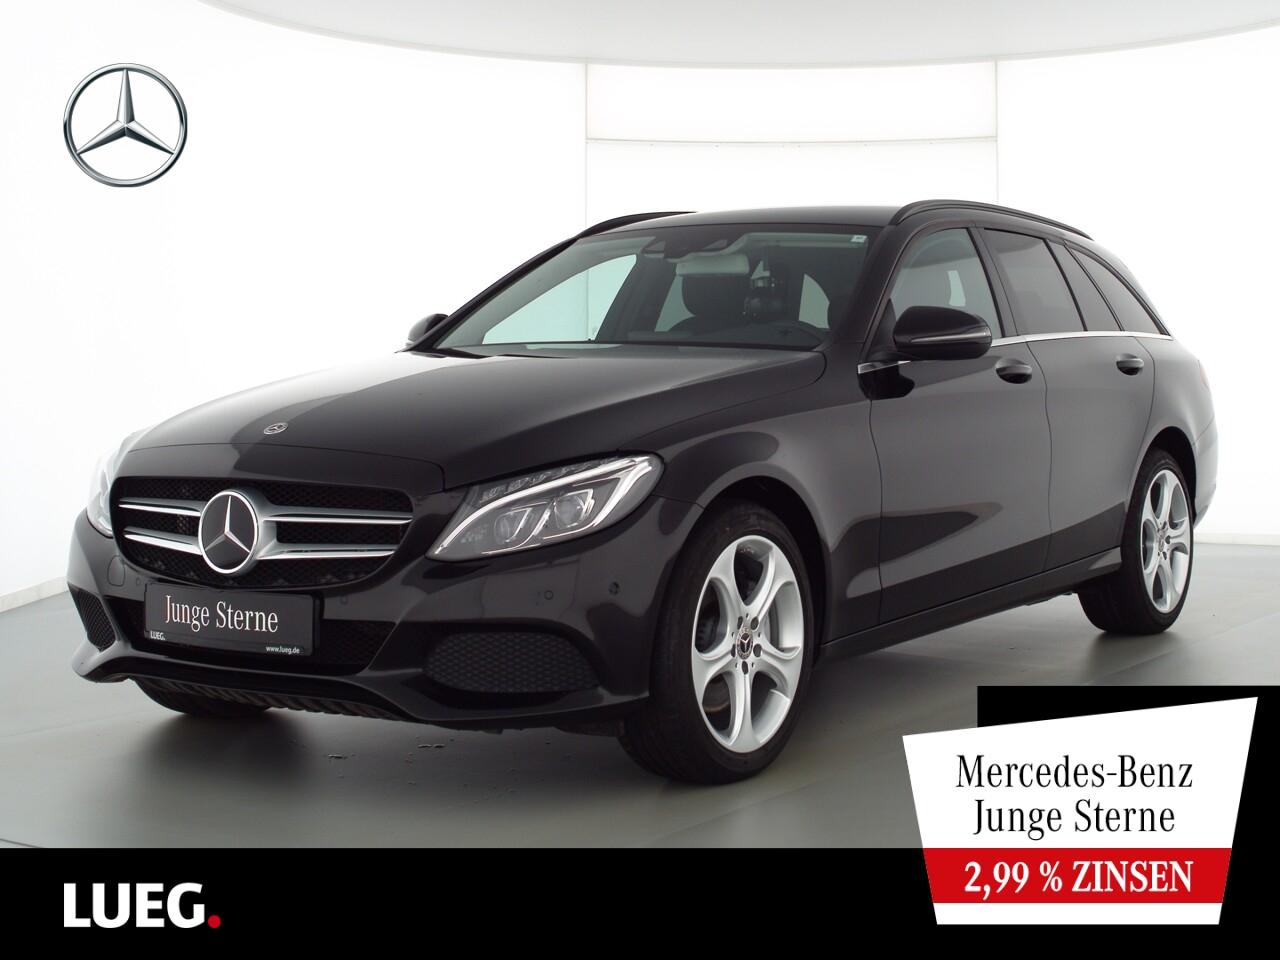 Mercedes-Benz C 250 d T 4M Navi+LED-ILS+Fahrassist+Mem+18''+RF, Jahr 2018, Diesel